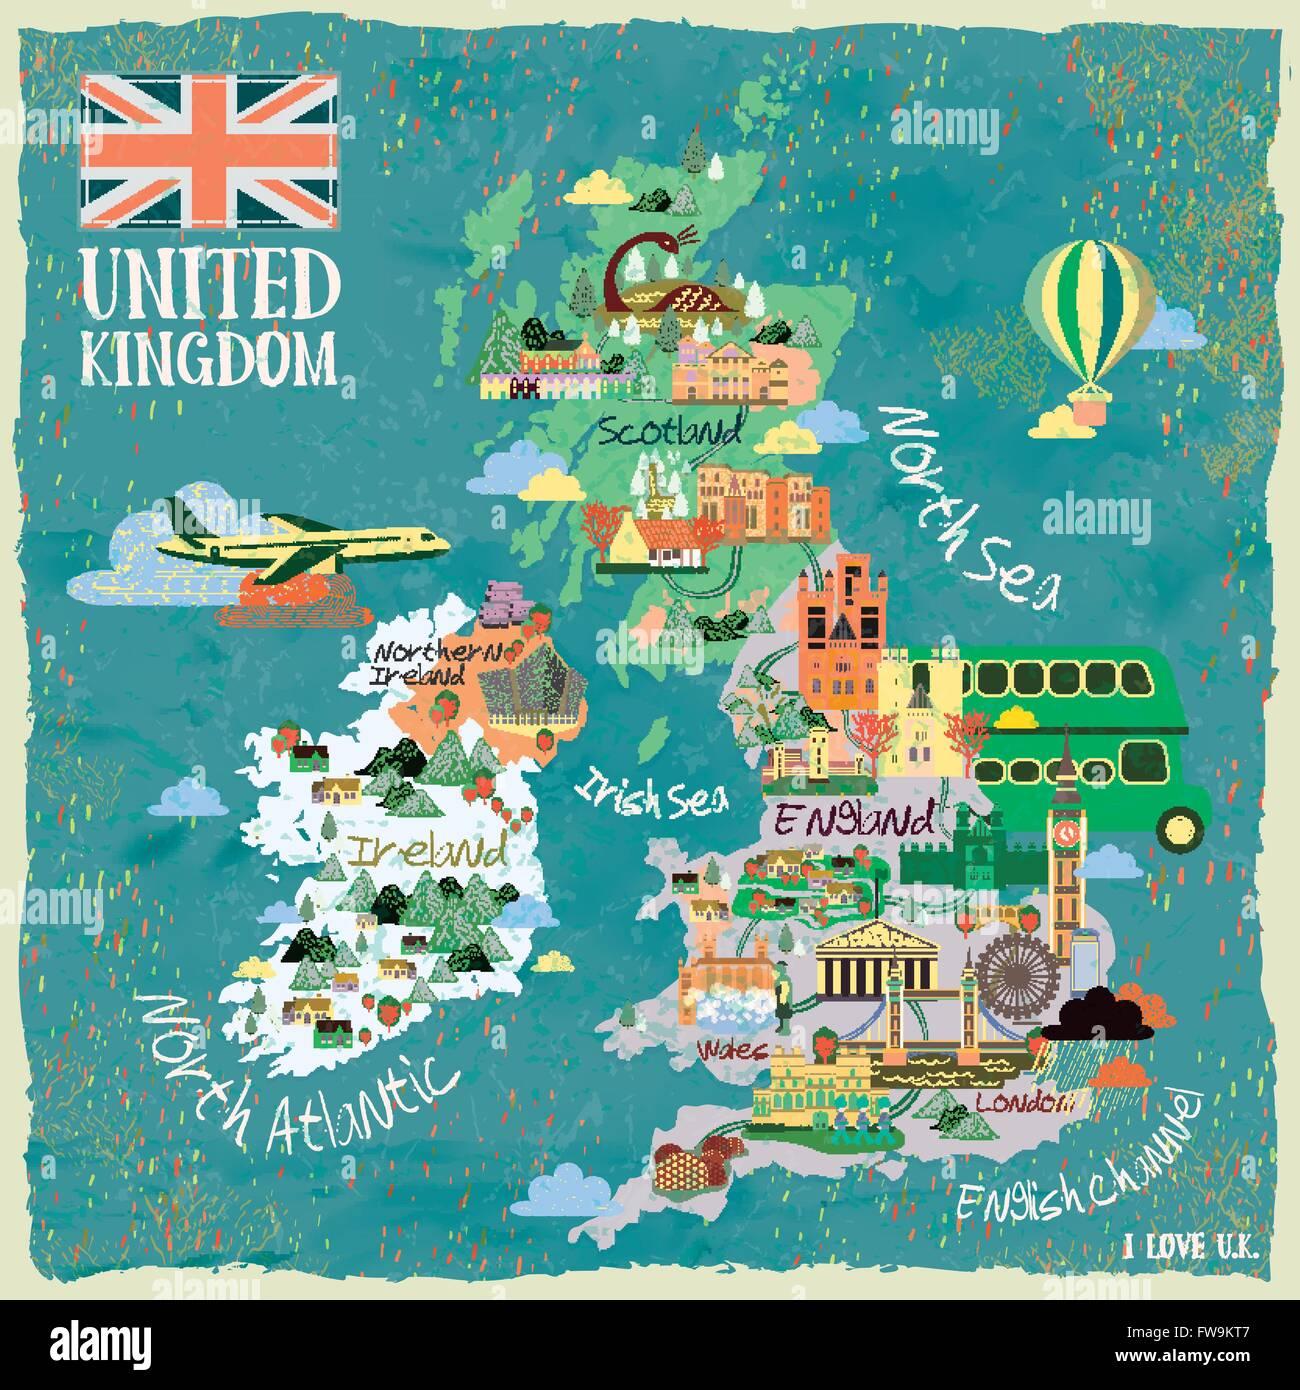 Sehenswürdigkeiten Großbritannien Karte.Attraktive Großbritannien Reise Karte Mit Sehenswürdigkeiten Vektor